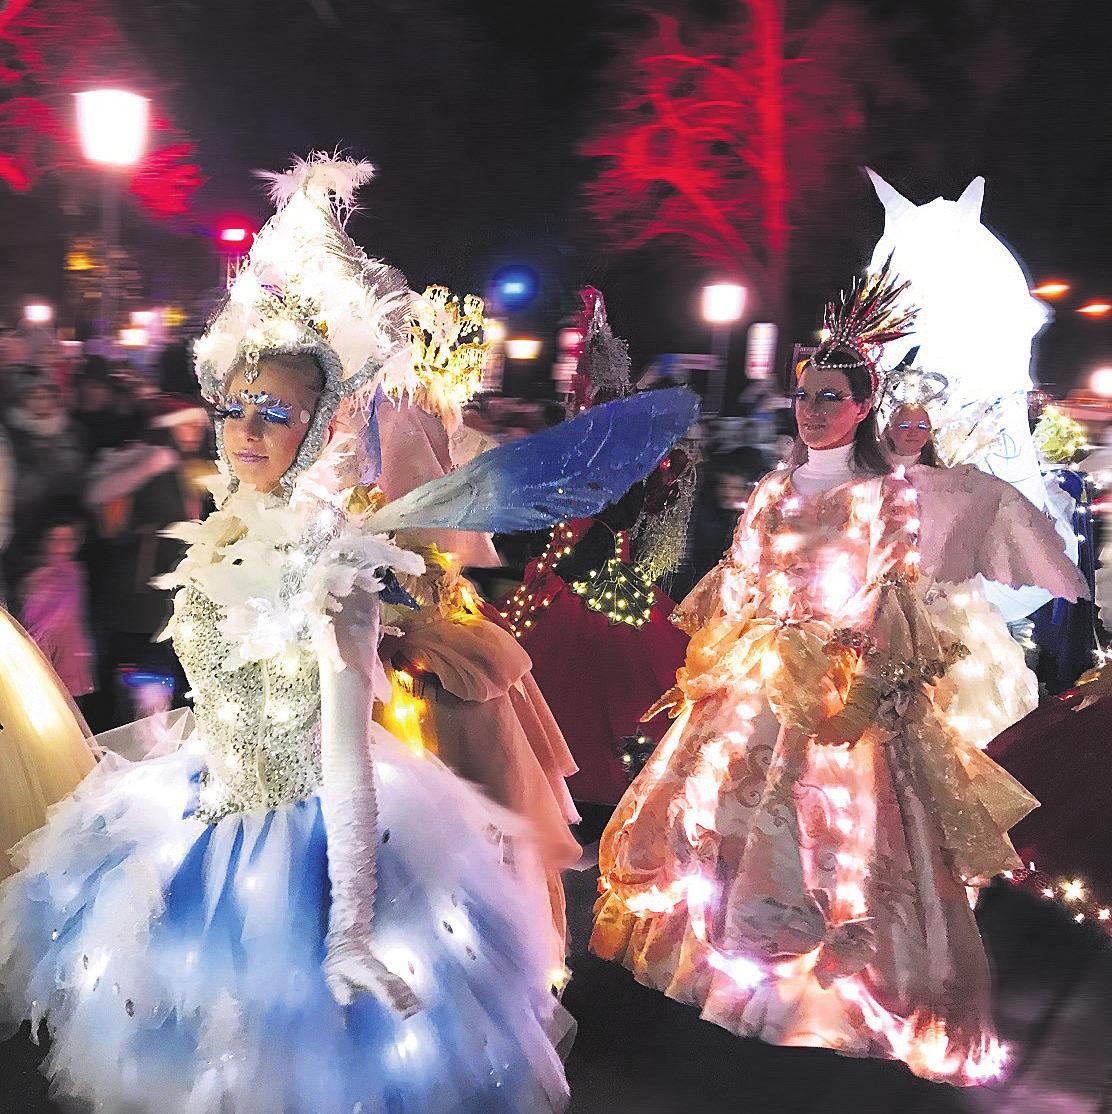 Die Lichterparade hüllt die Celler Altstadt am ersten Adventswochenende in ihren Glanz. Foto: Stadt Celle